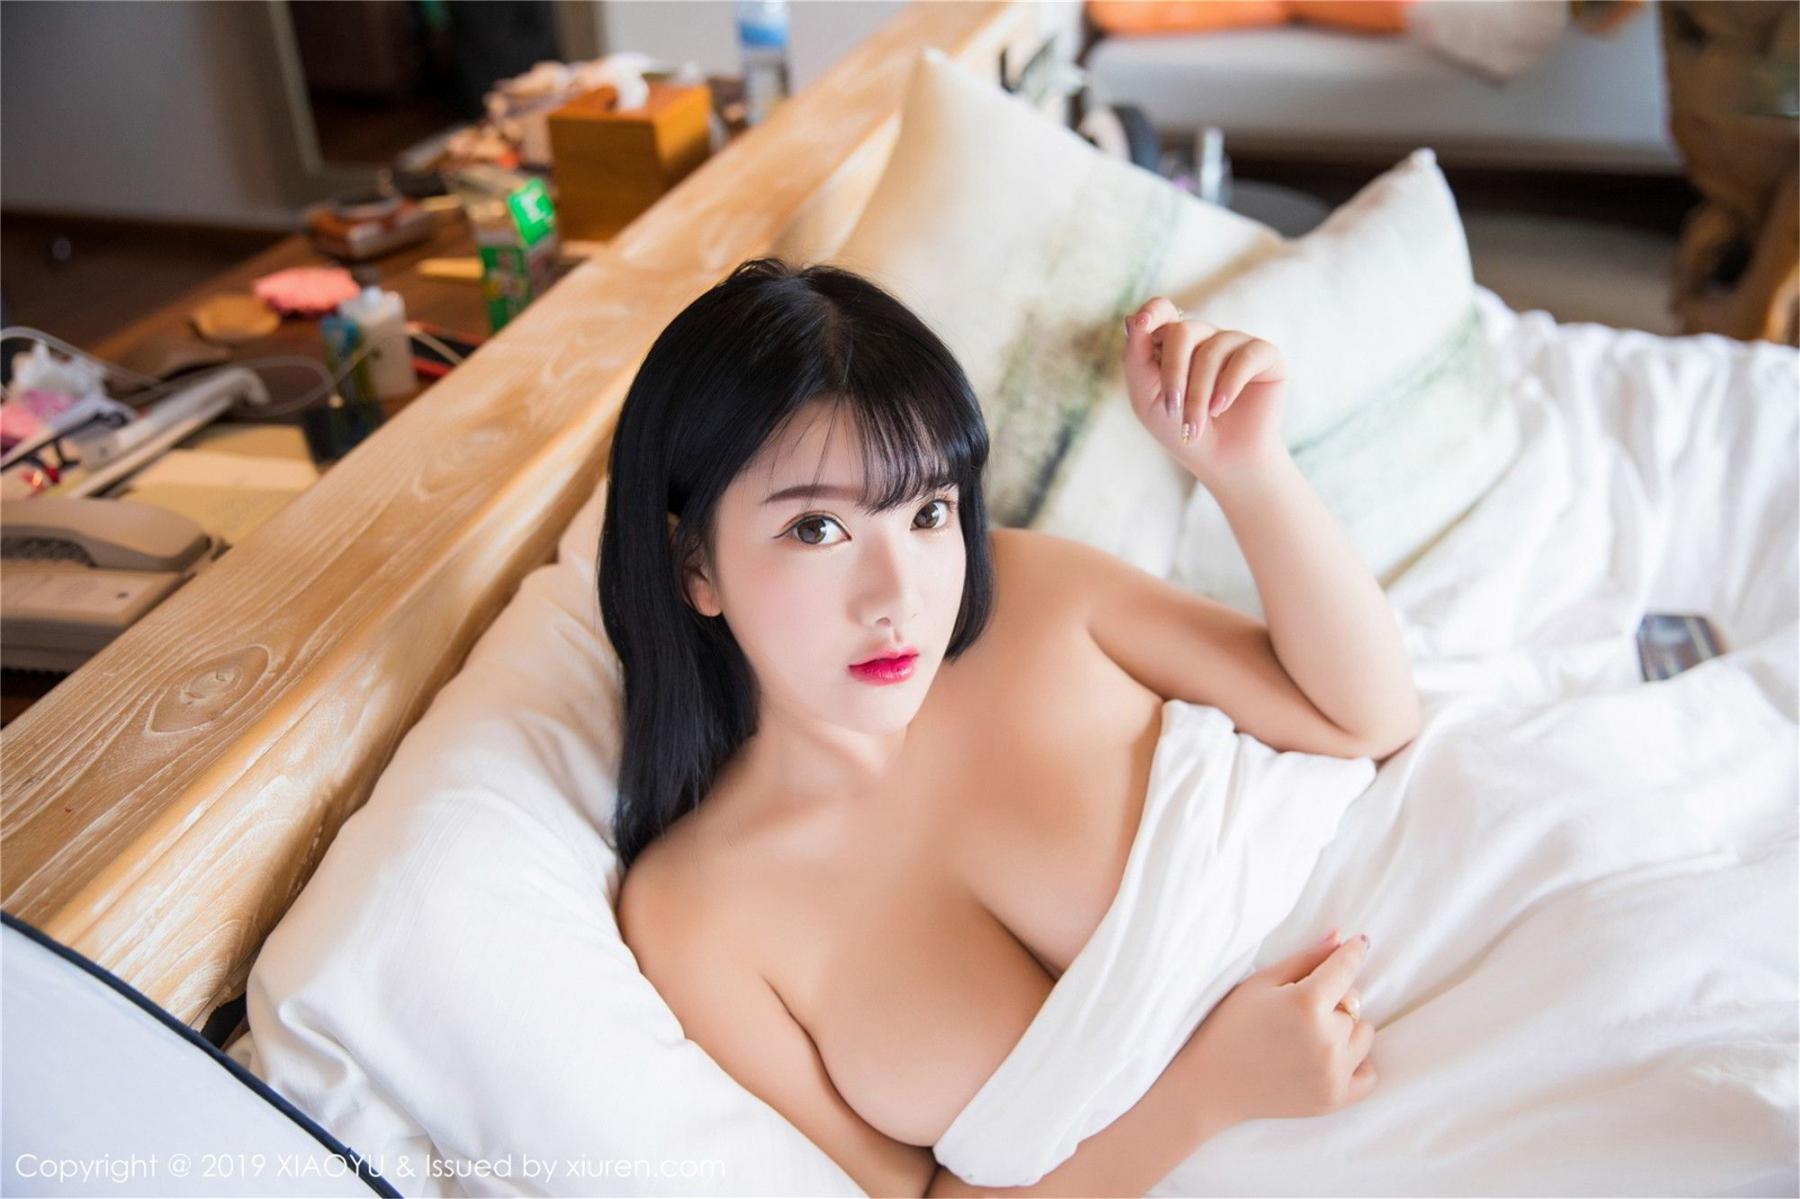 [XiaoYu] Vol.070 Lu Lu Xiao Miao 6P, Baby Face Big Boobs, Lovely, Lu Lu Xiao Miao, XiaoYu